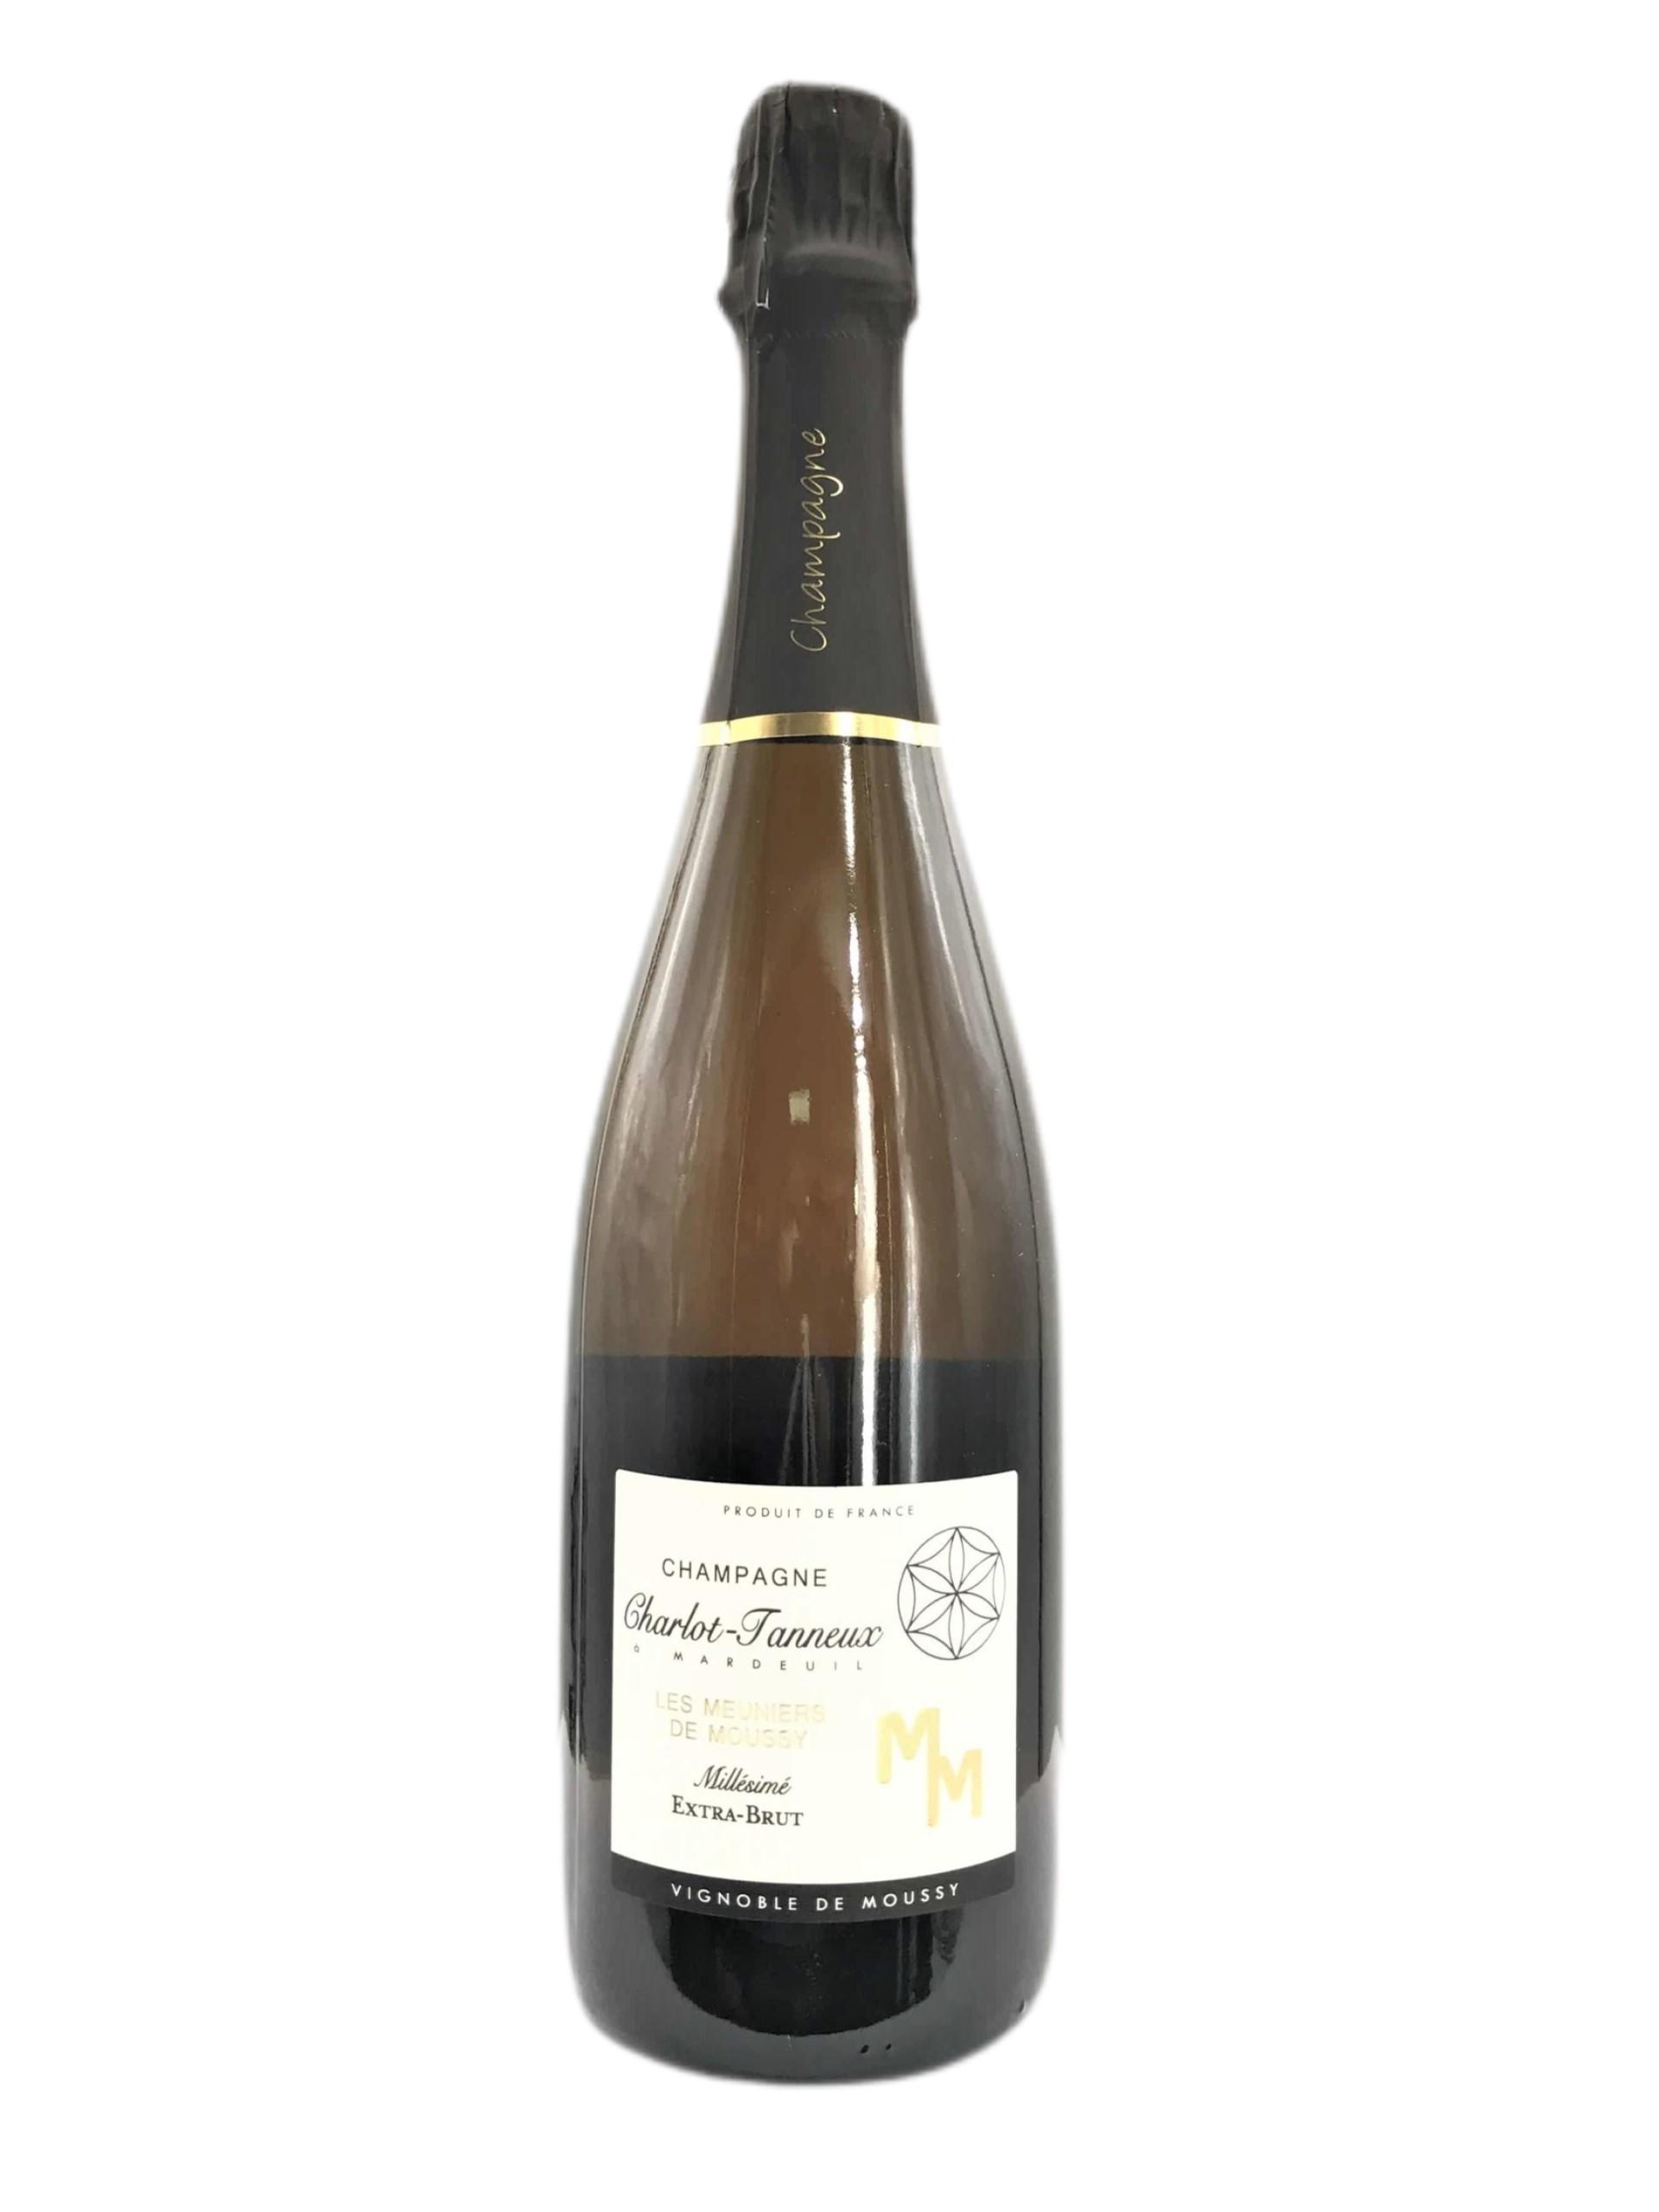 Champagne Charlot Tanneux Meunier de Moussy